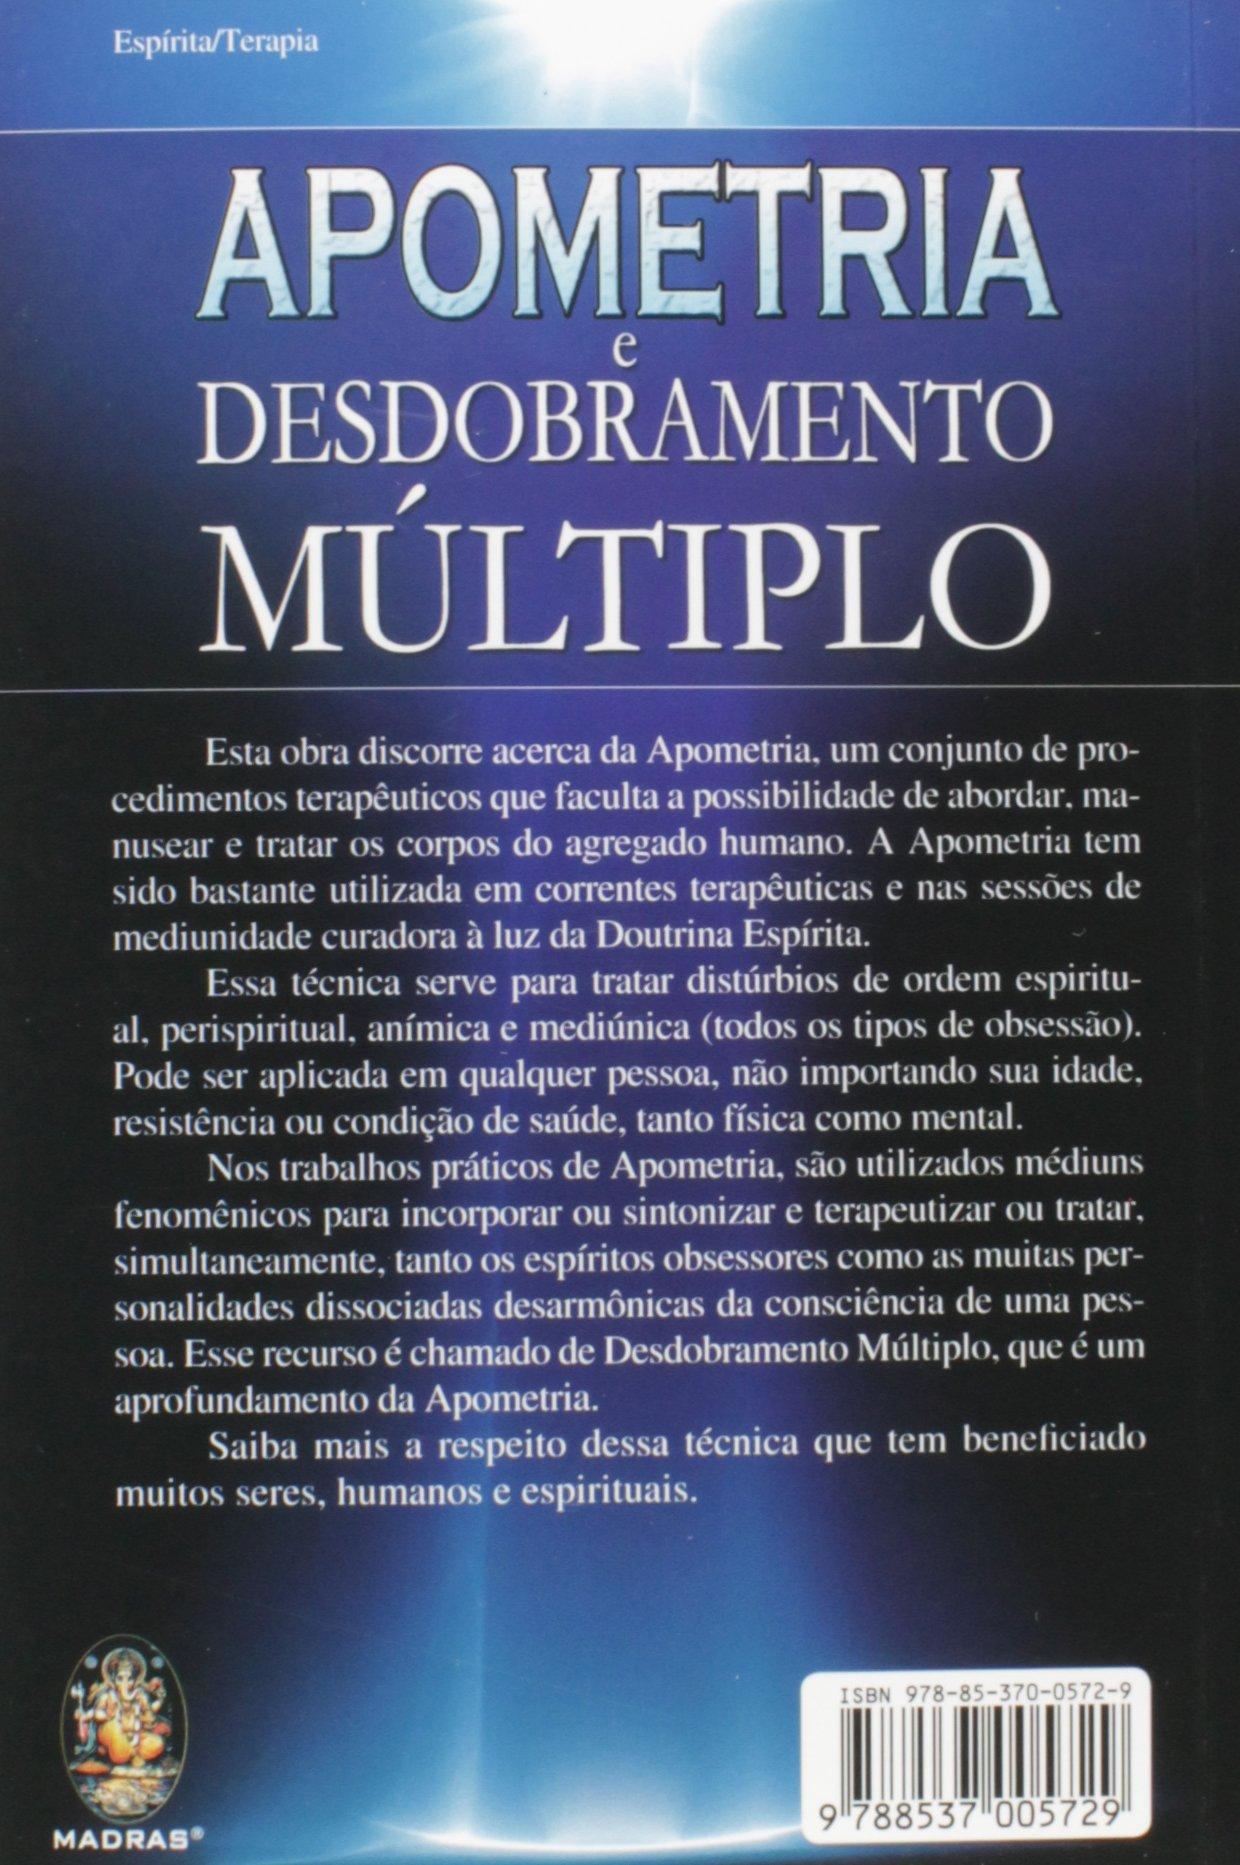 apometria e desdobramento multiplo